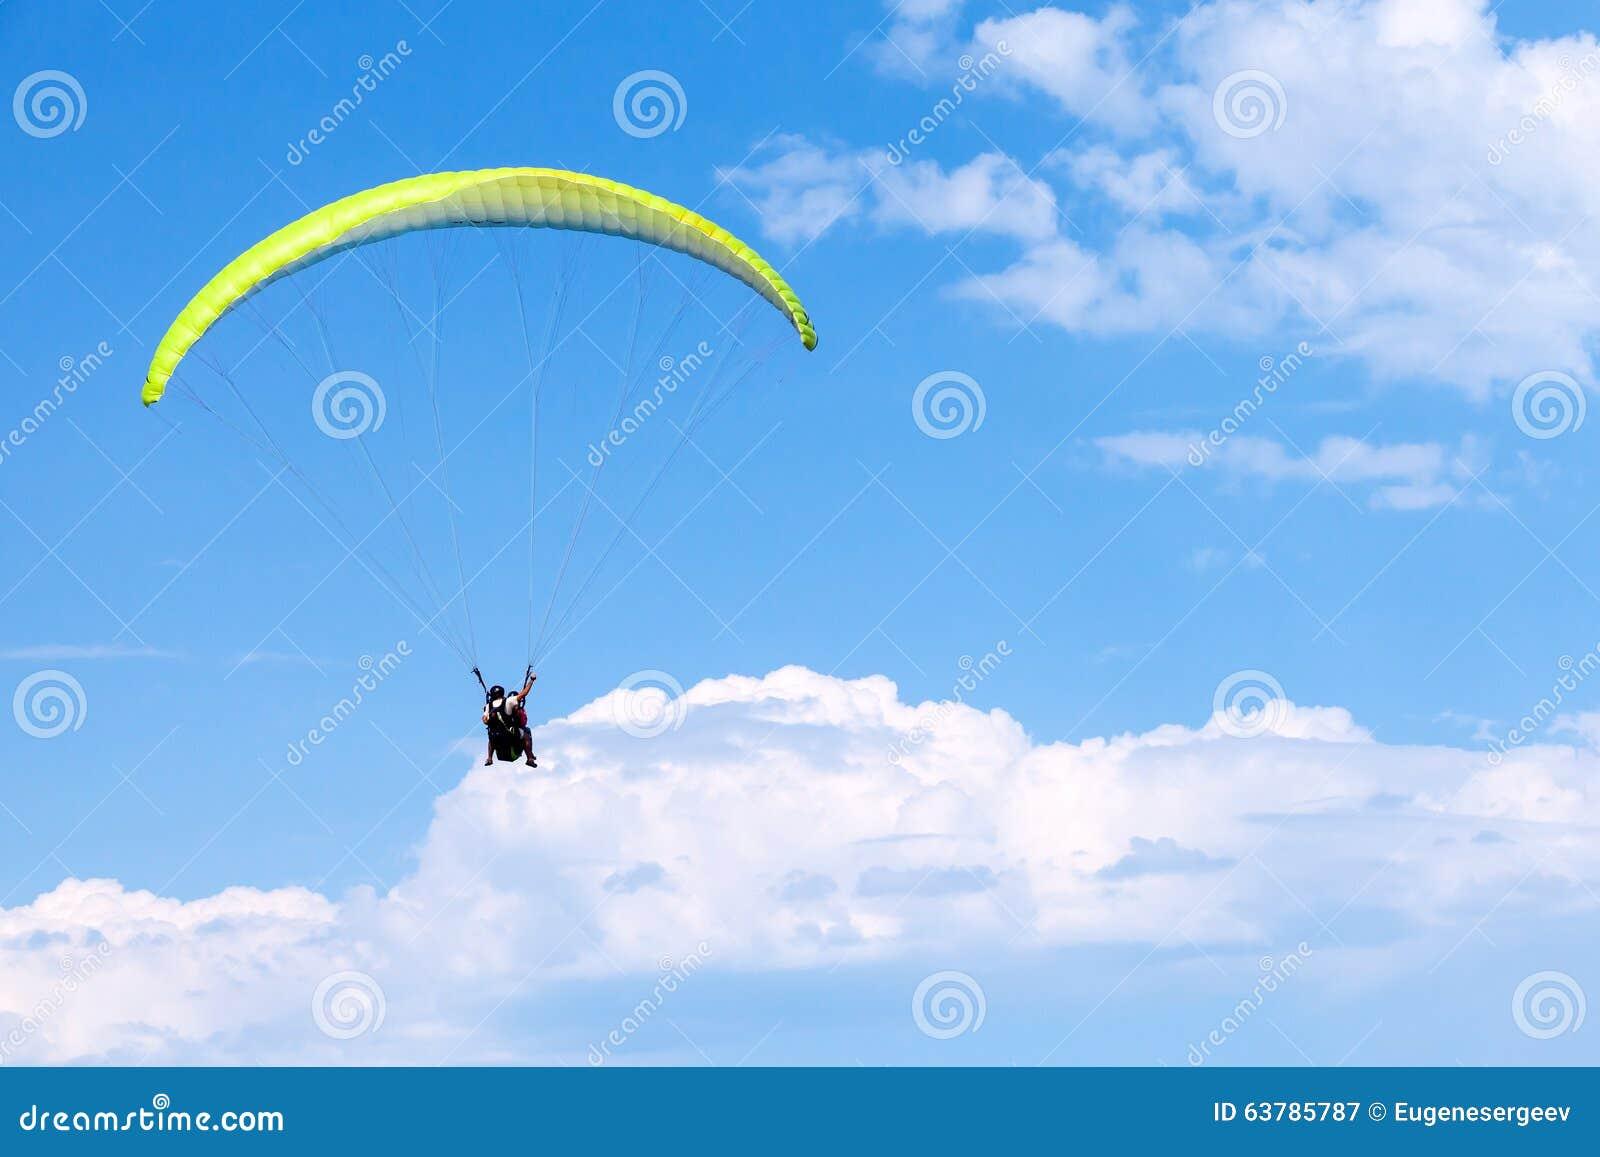 Alas flexibles en cielo azul con las nubes, en tándem